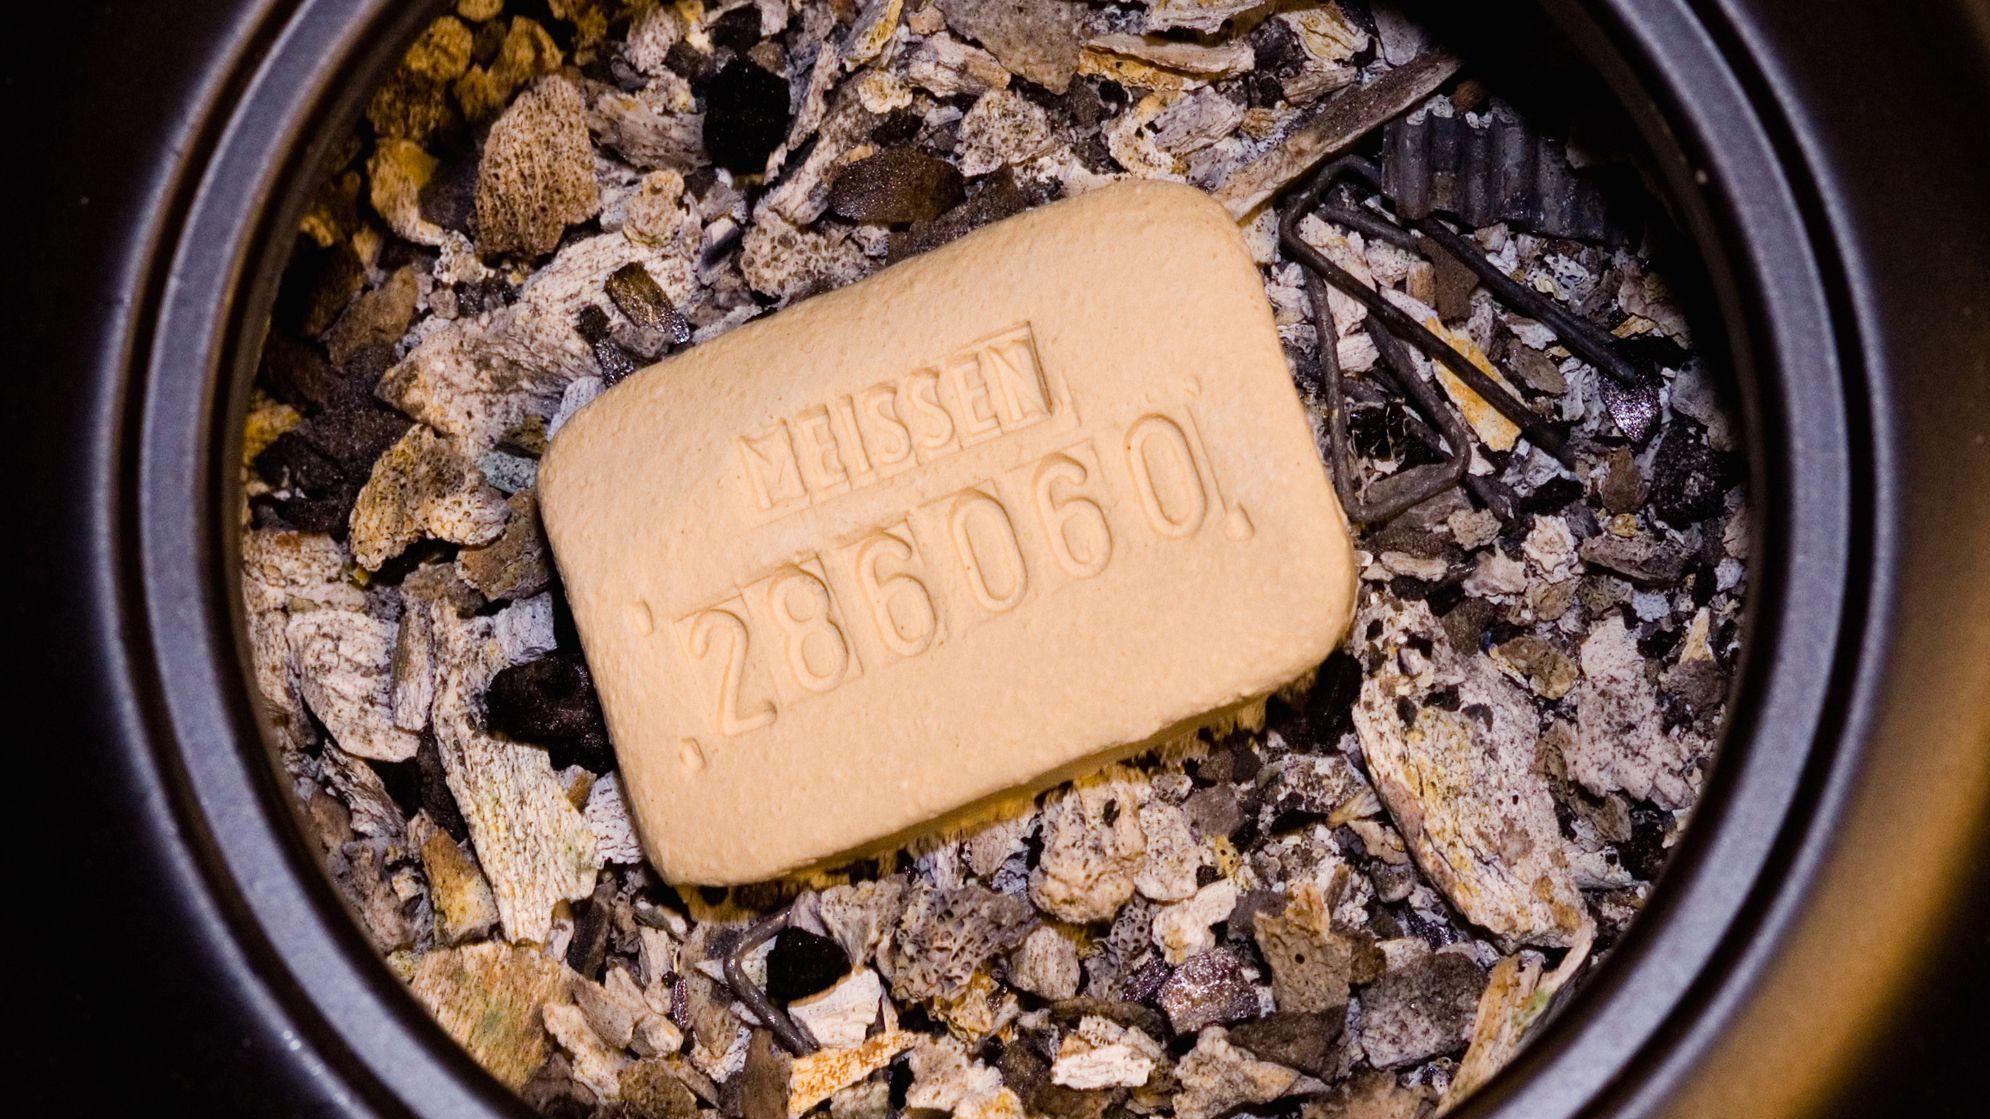 In der Asche des Verstorbenen können sich Metallreste befinden, hier zum Beispiel sieht man ein paar Nägel.